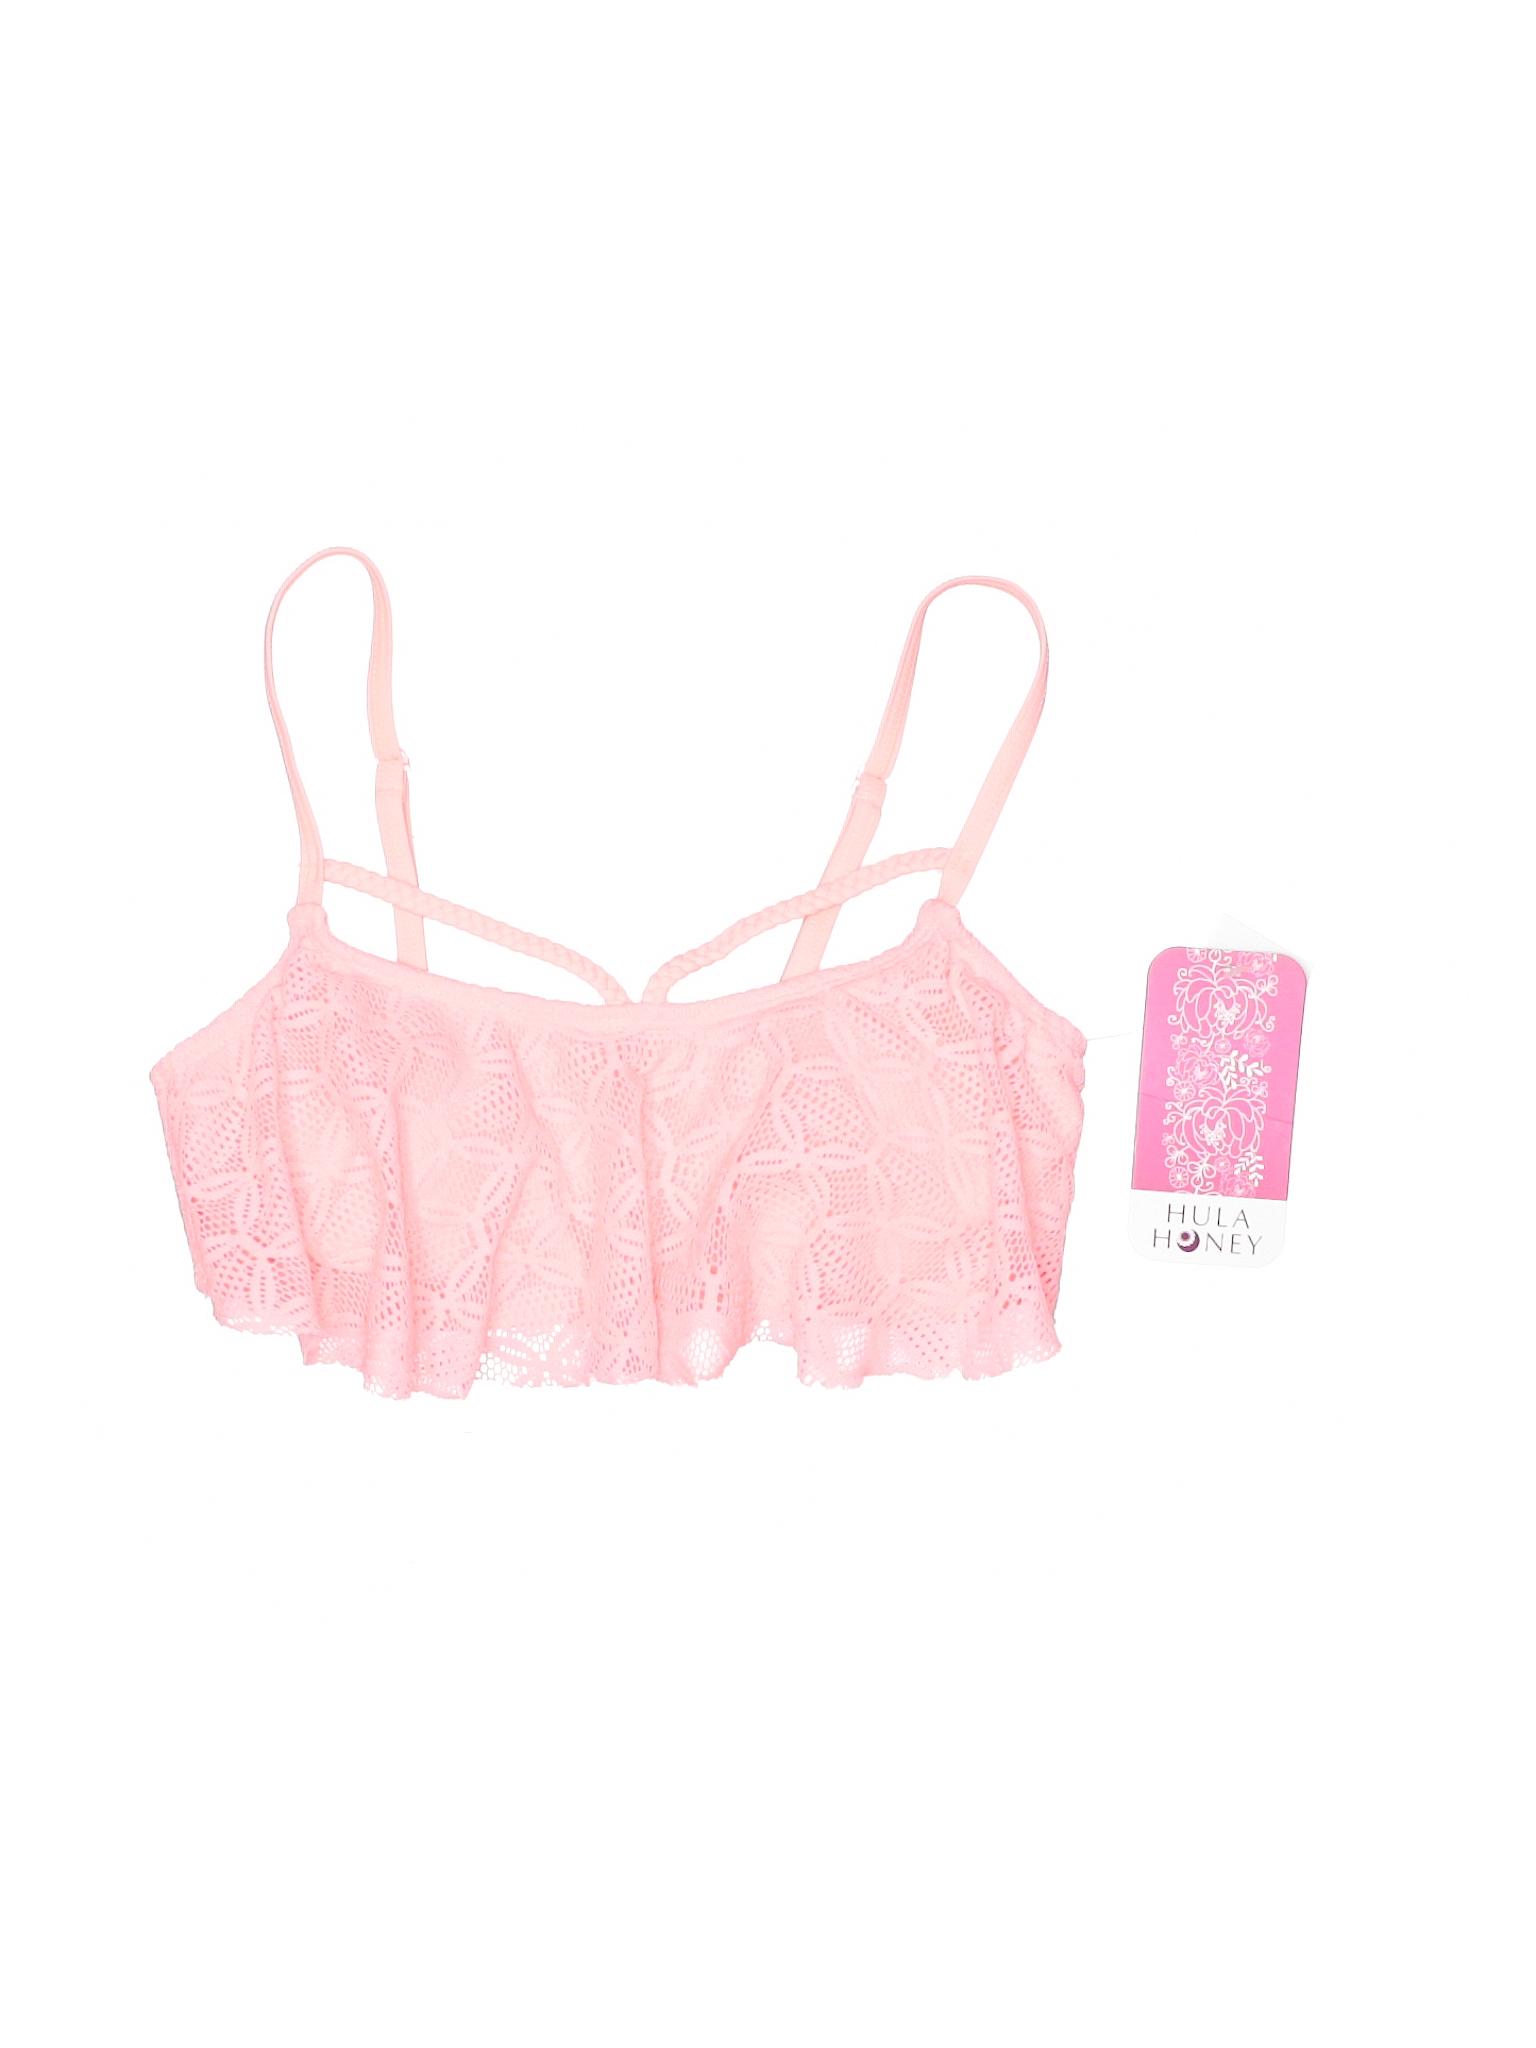 Swimsuit Hula Top Honey Boutique Boutique Honey Hula Swimsuit Hula Top Boutique wSqCnzA